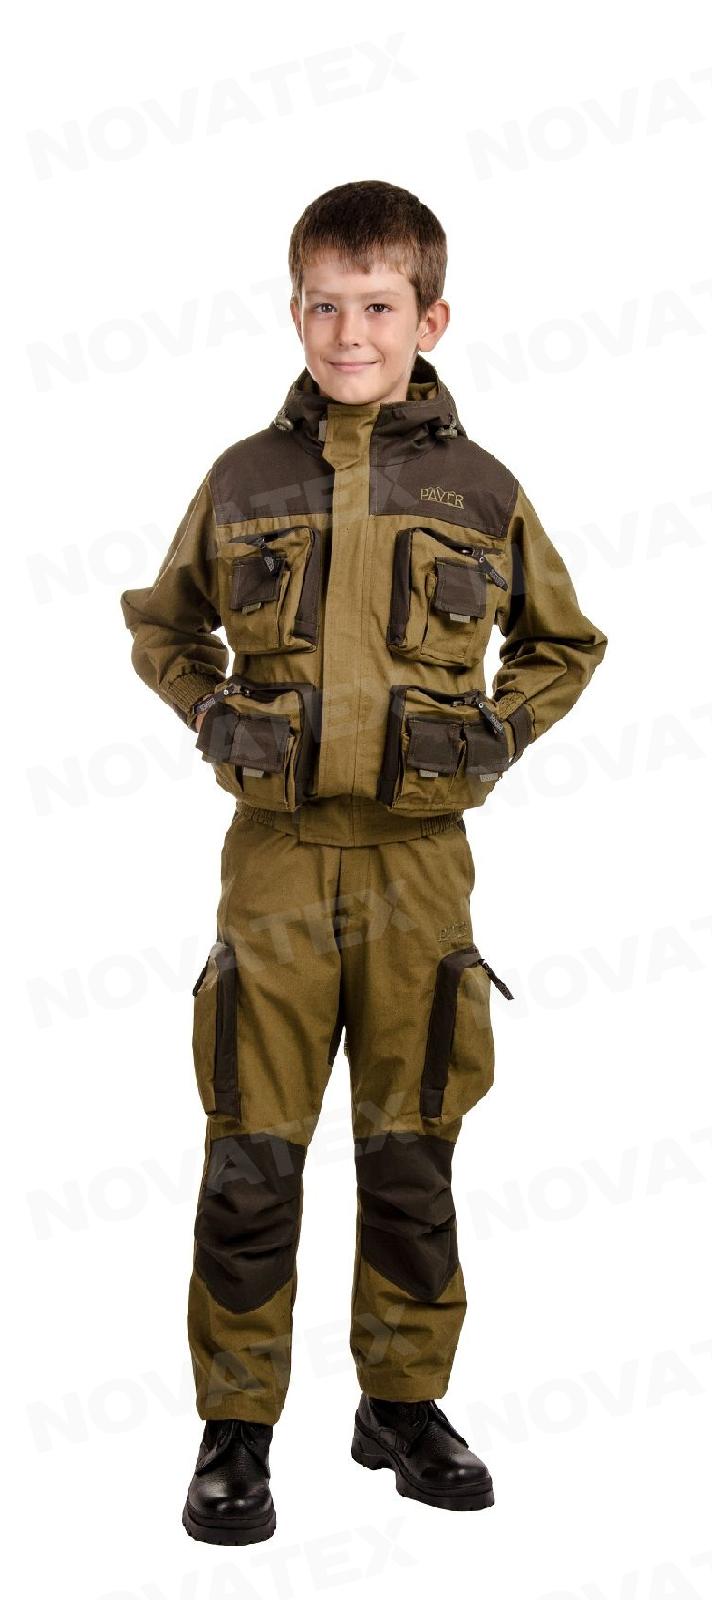 Костюм «Пайер» (палатка, хаки) PAYER детский Костюмы неутепленные<br>Костюм Payer (тм Payer) от Novatex – практичный и <br>надежный костюм для отдыха на природе, охоты <br>и рыбалки. Костюм Пайер проектировался <br>как ответ на запросы клиентов на качественный <br>универсальный костюм. Состоит костюм из <br>укороченной куртки и полукомбинезона. Анатомический <br>крой позволяет легко и свободно двигаться. <br>Куртка, благодаря обработке на поясной <br>машинке, плотно прилегает по бедрам, не <br>пропуская ни мошку, ни ветер. Бретели <br>позволяют отрегулировать полукомбинезон <br>по фигуре. В более теплую погоду спинку <br>полукомбинезона можно отстегнуть. В костюме <br>Payer можно разместить по карманам все необходимые <br>мелочи: семнадцать карманов, в том числе <br>шесть объемных и один внутренний для документов. <br>Костюм изготавливается из надежных, проверенных <br>временем хлопковых тканей: палатка и канвас. <br>Эти 100% натуральные ткани прекрасно защищают <br>от ветра, почти мгновенно сохнут, пропускают <br>воздух (позволяя телу «дышать»). Подкладка <br>из мягкого гипоаллергенного флиса обеспечивает <br>комфорт и тепло. Места повышенного износа <br>имеют дополнительное усиление мембранной <br>тканью «Кошачий глаз», которая не пропускает <br>влагу снаружи, отводит ее изнутри и обладает <br>повышенной износостойкостью. Рекомендован <br>для туристов, охотников, рыбаков и всех <br>любителей активного отдыха в осенне-весенний <br>и летний период.<br><br>Пол: унисекс<br>Сезон: лето<br>Цвет: оливковый